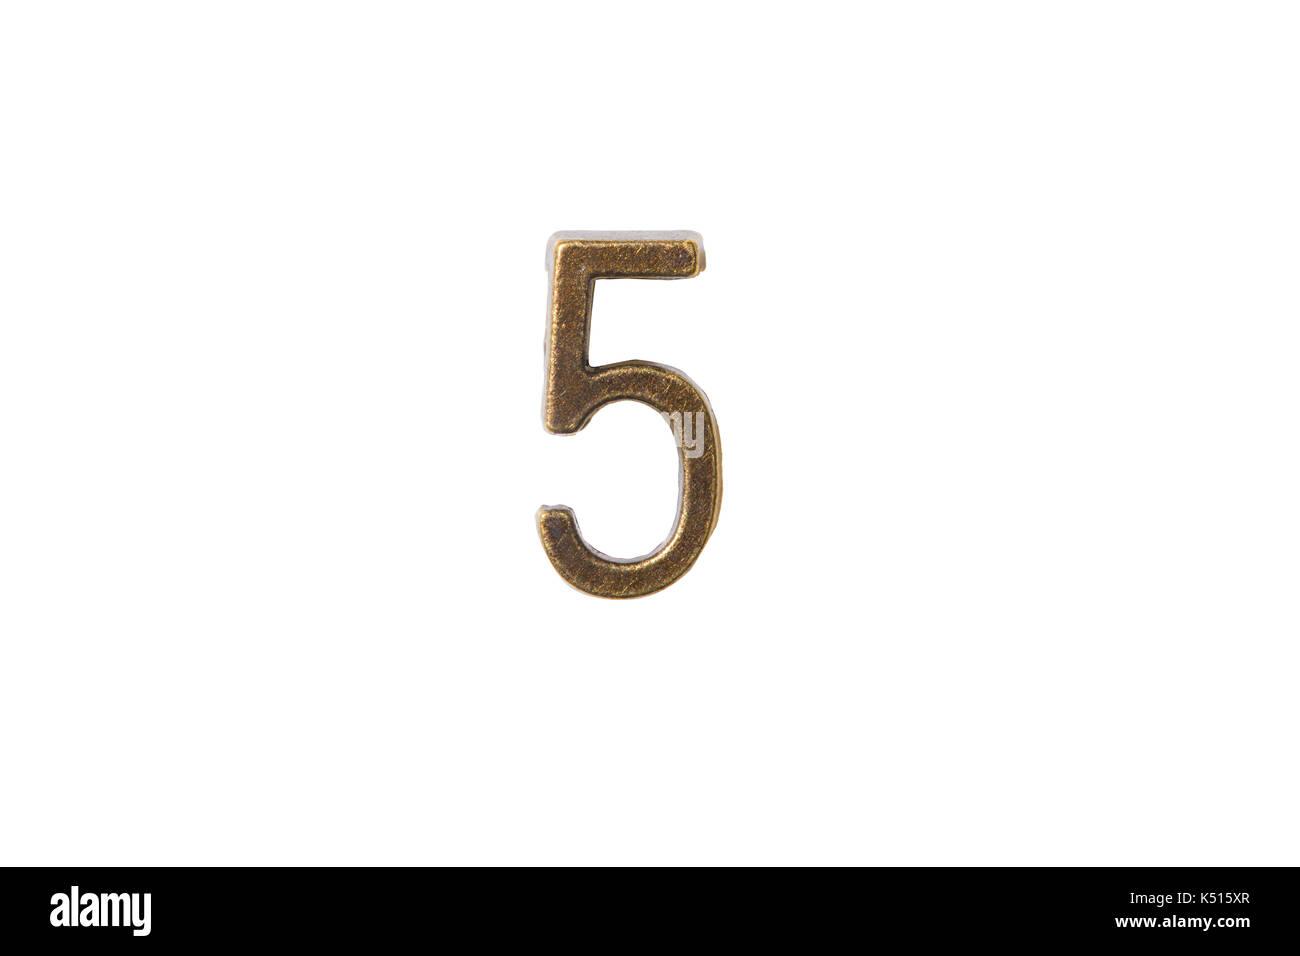 Fuente de oro número 1 al 0, un estilo retro font face o tipo de fuente Imagen De Stock